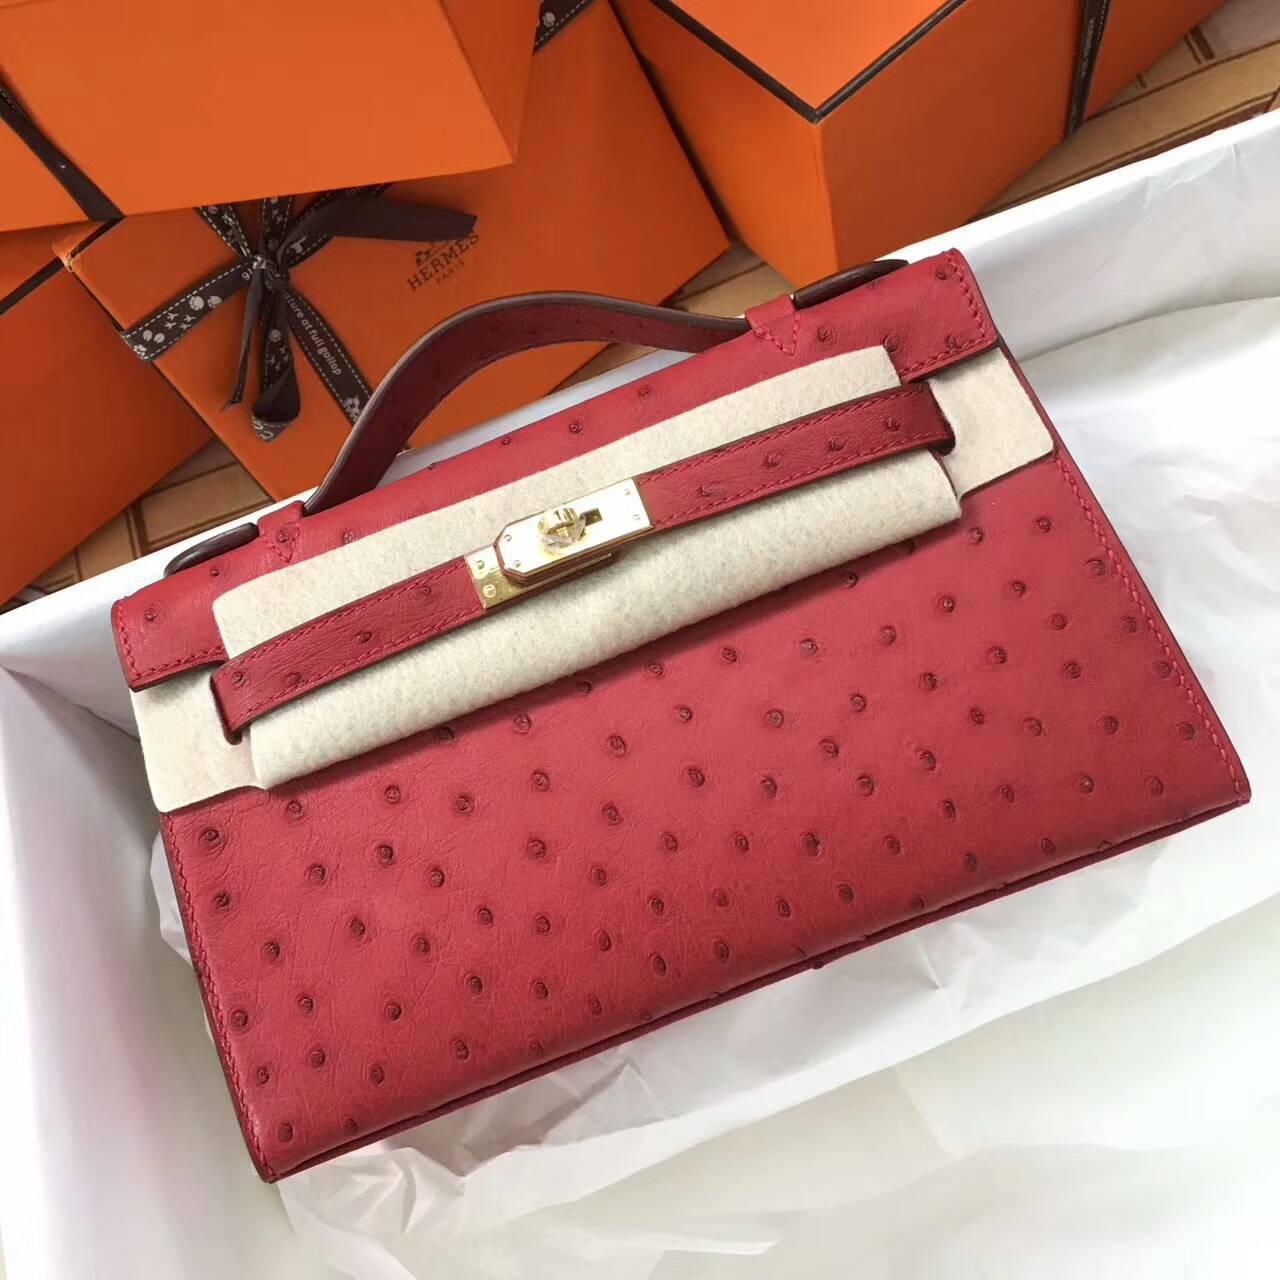 Hermes爱马仕 Mini Kelly pochette 22cm Ostrich Leather 南非原产KK级鸵鸟皮 Q5 Rouge Casaqbe 中国红 金扣